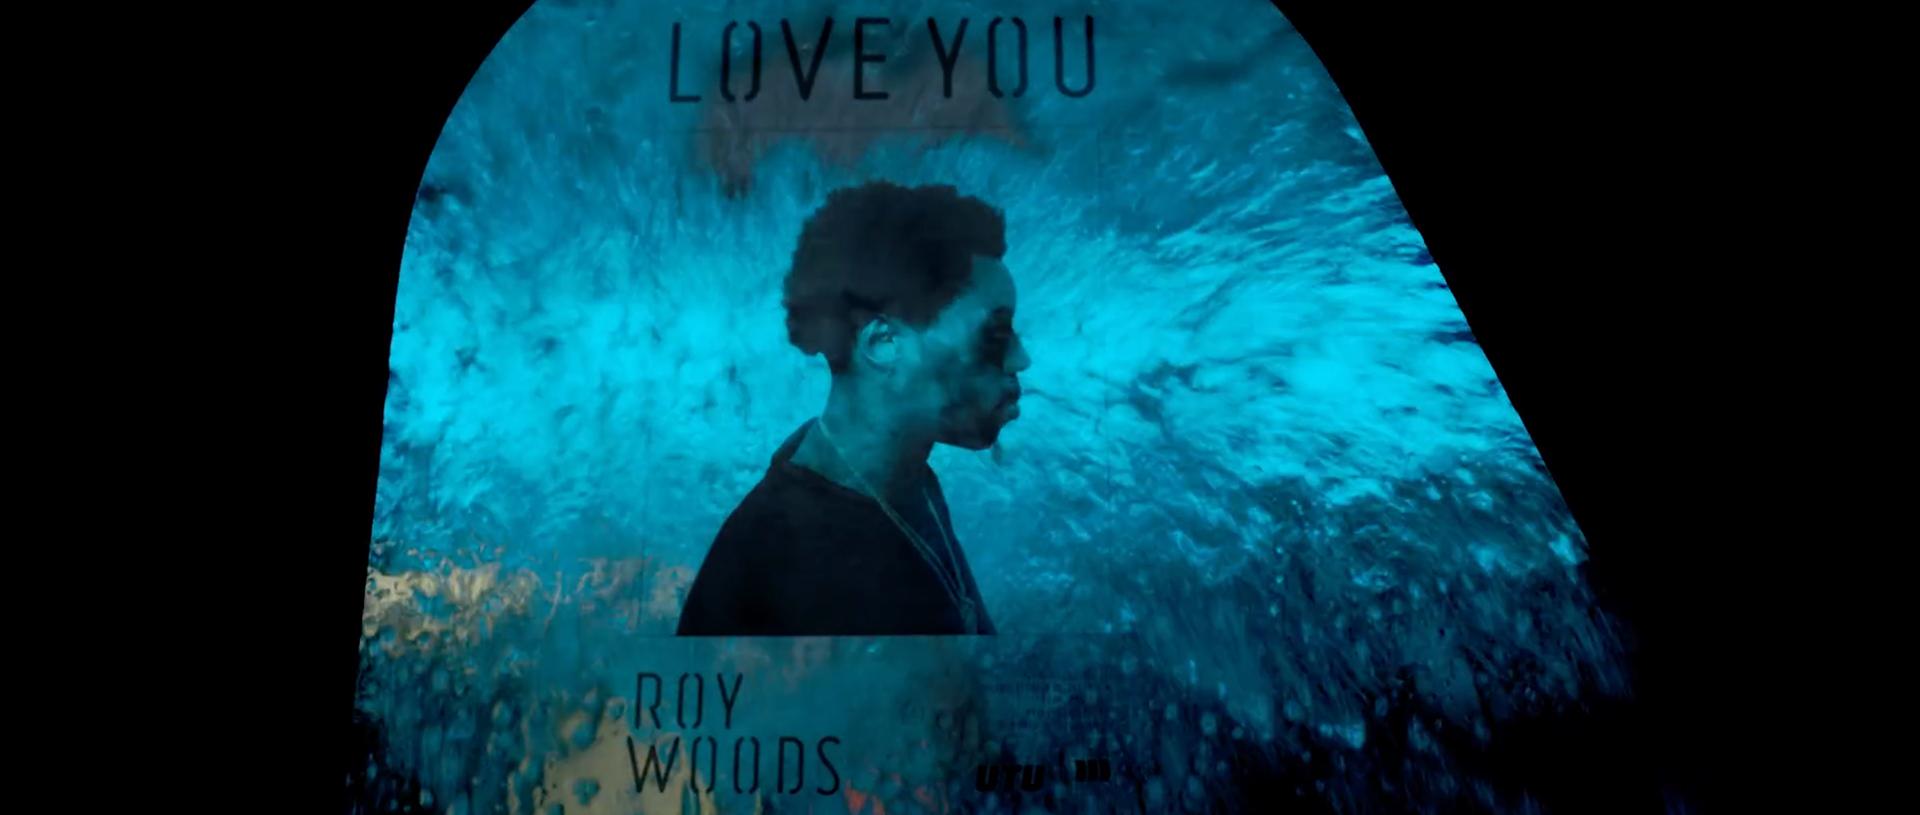 roywoods-18.jpg